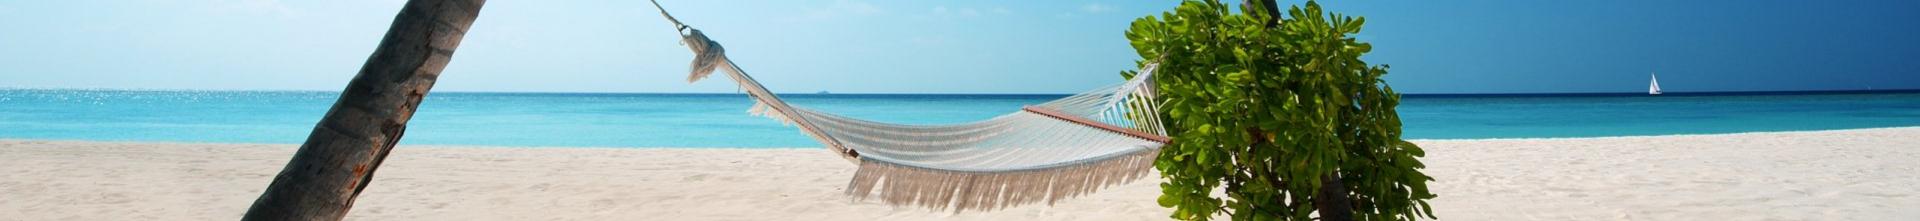 Maldivler Deniz Altı Turu